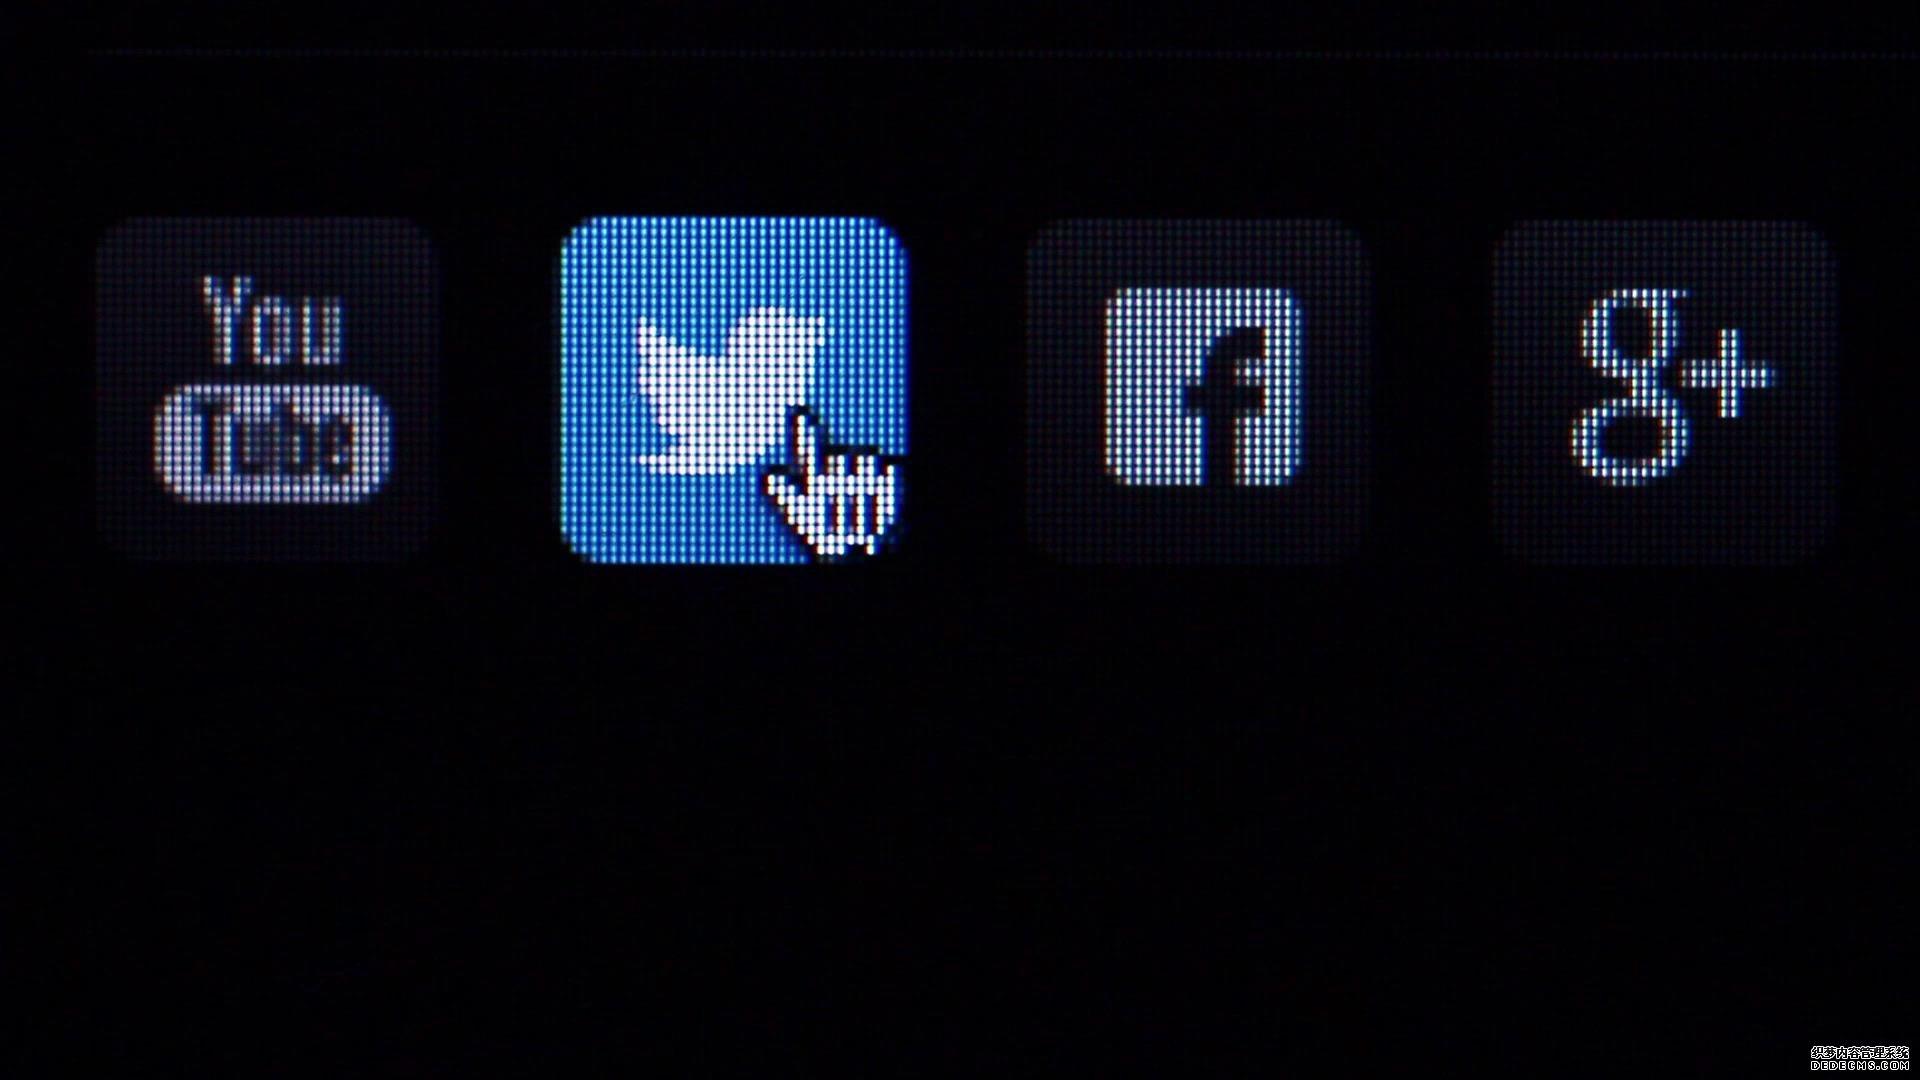 社会社交软件应用图片电子智能设备高清实拍